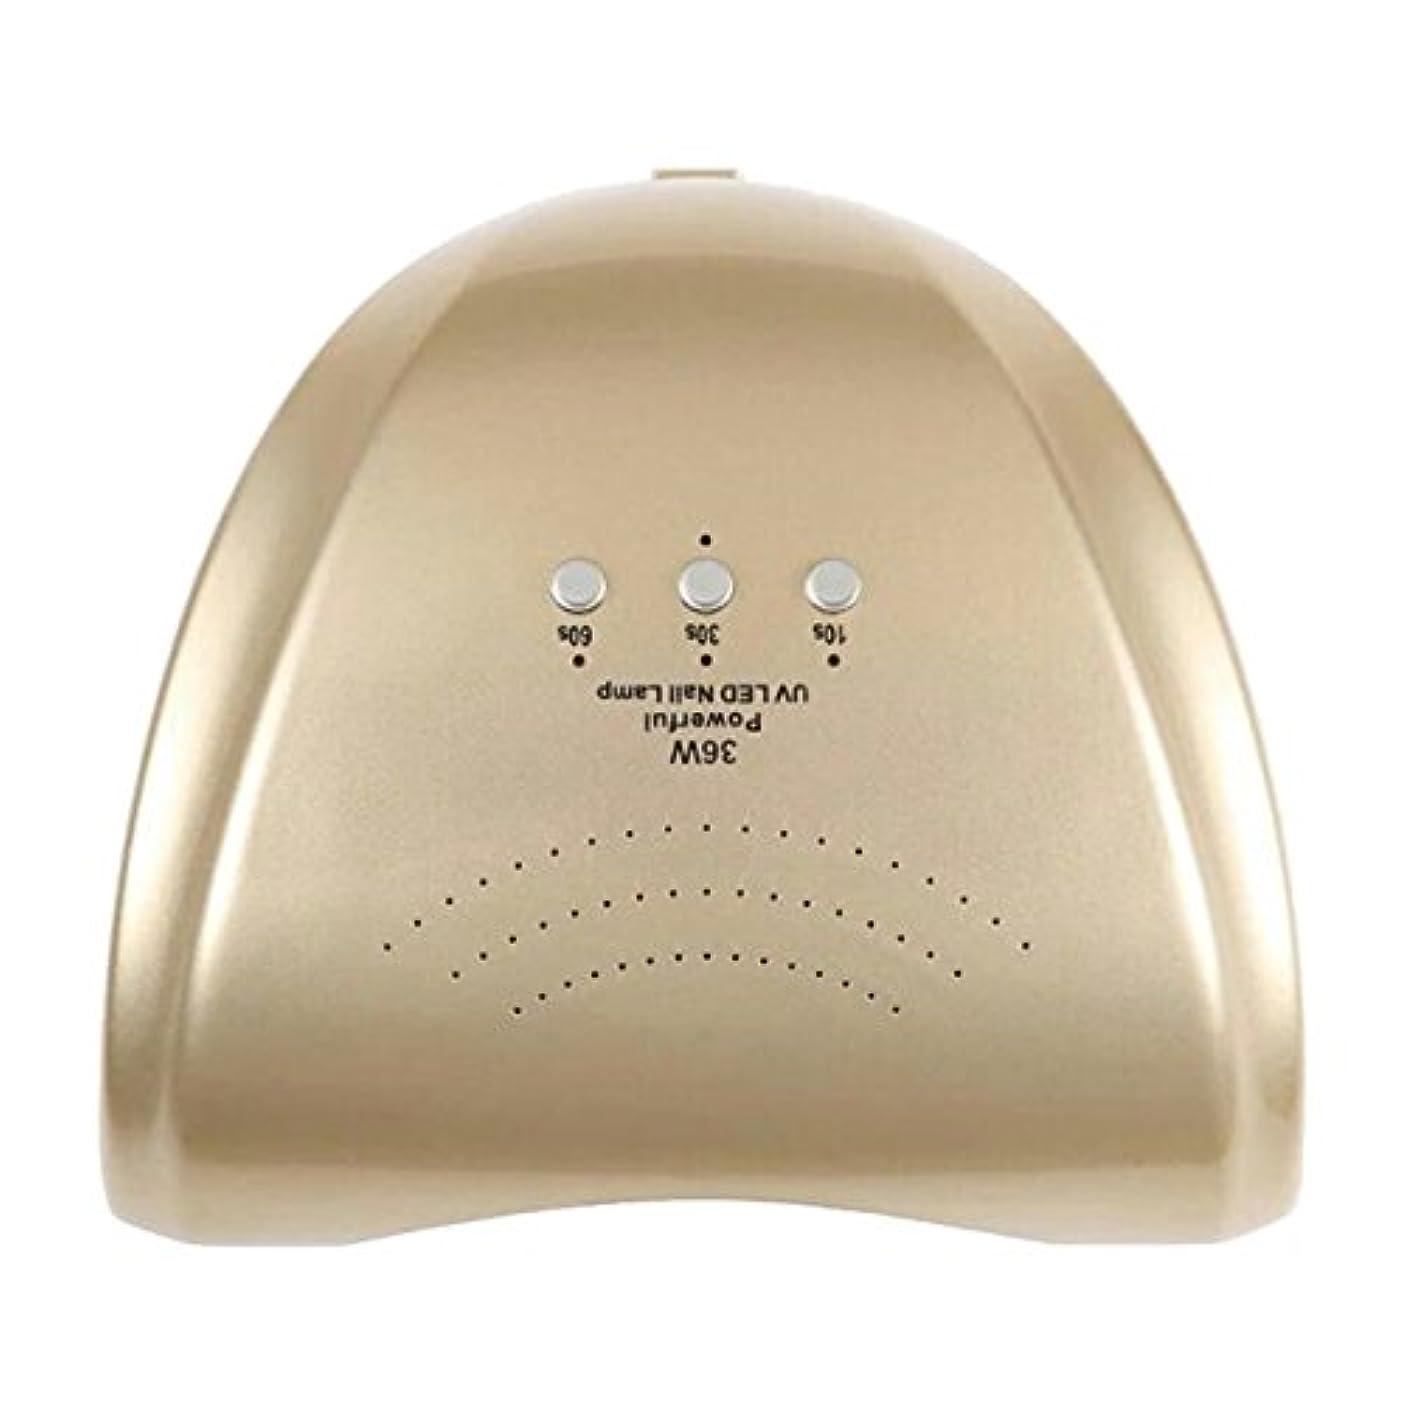 ランデブー決定する入場料La Curie 36W LED&UVネイルライト CCFL不使用 自動センサー ジェルネイル レジン 6ヶ月保証&日本語説明書&プロネイリスト監修ネイルレシピ付き 全9色 (ゴールド) LaCurie004